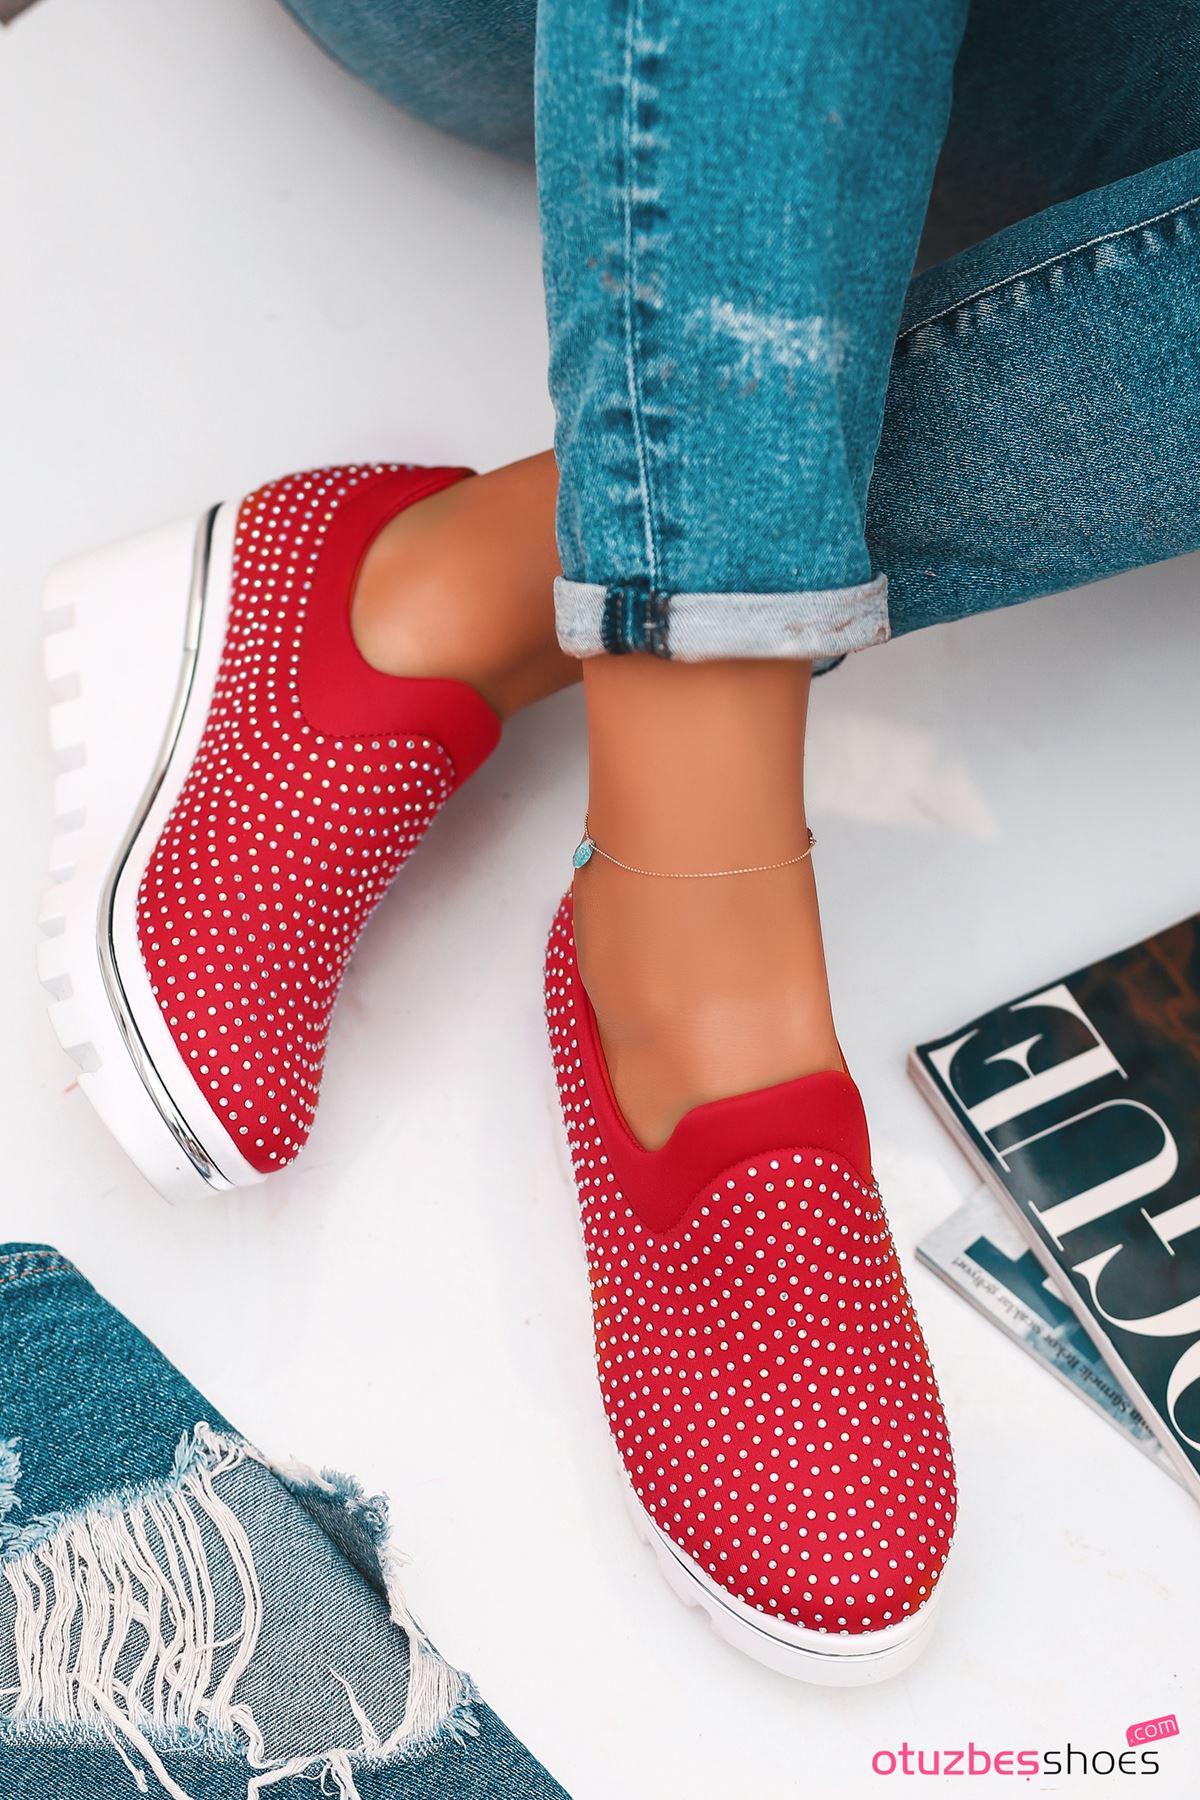 Bratz Taş Detay Dolgu Topuk Ayakkabı Kırmızı